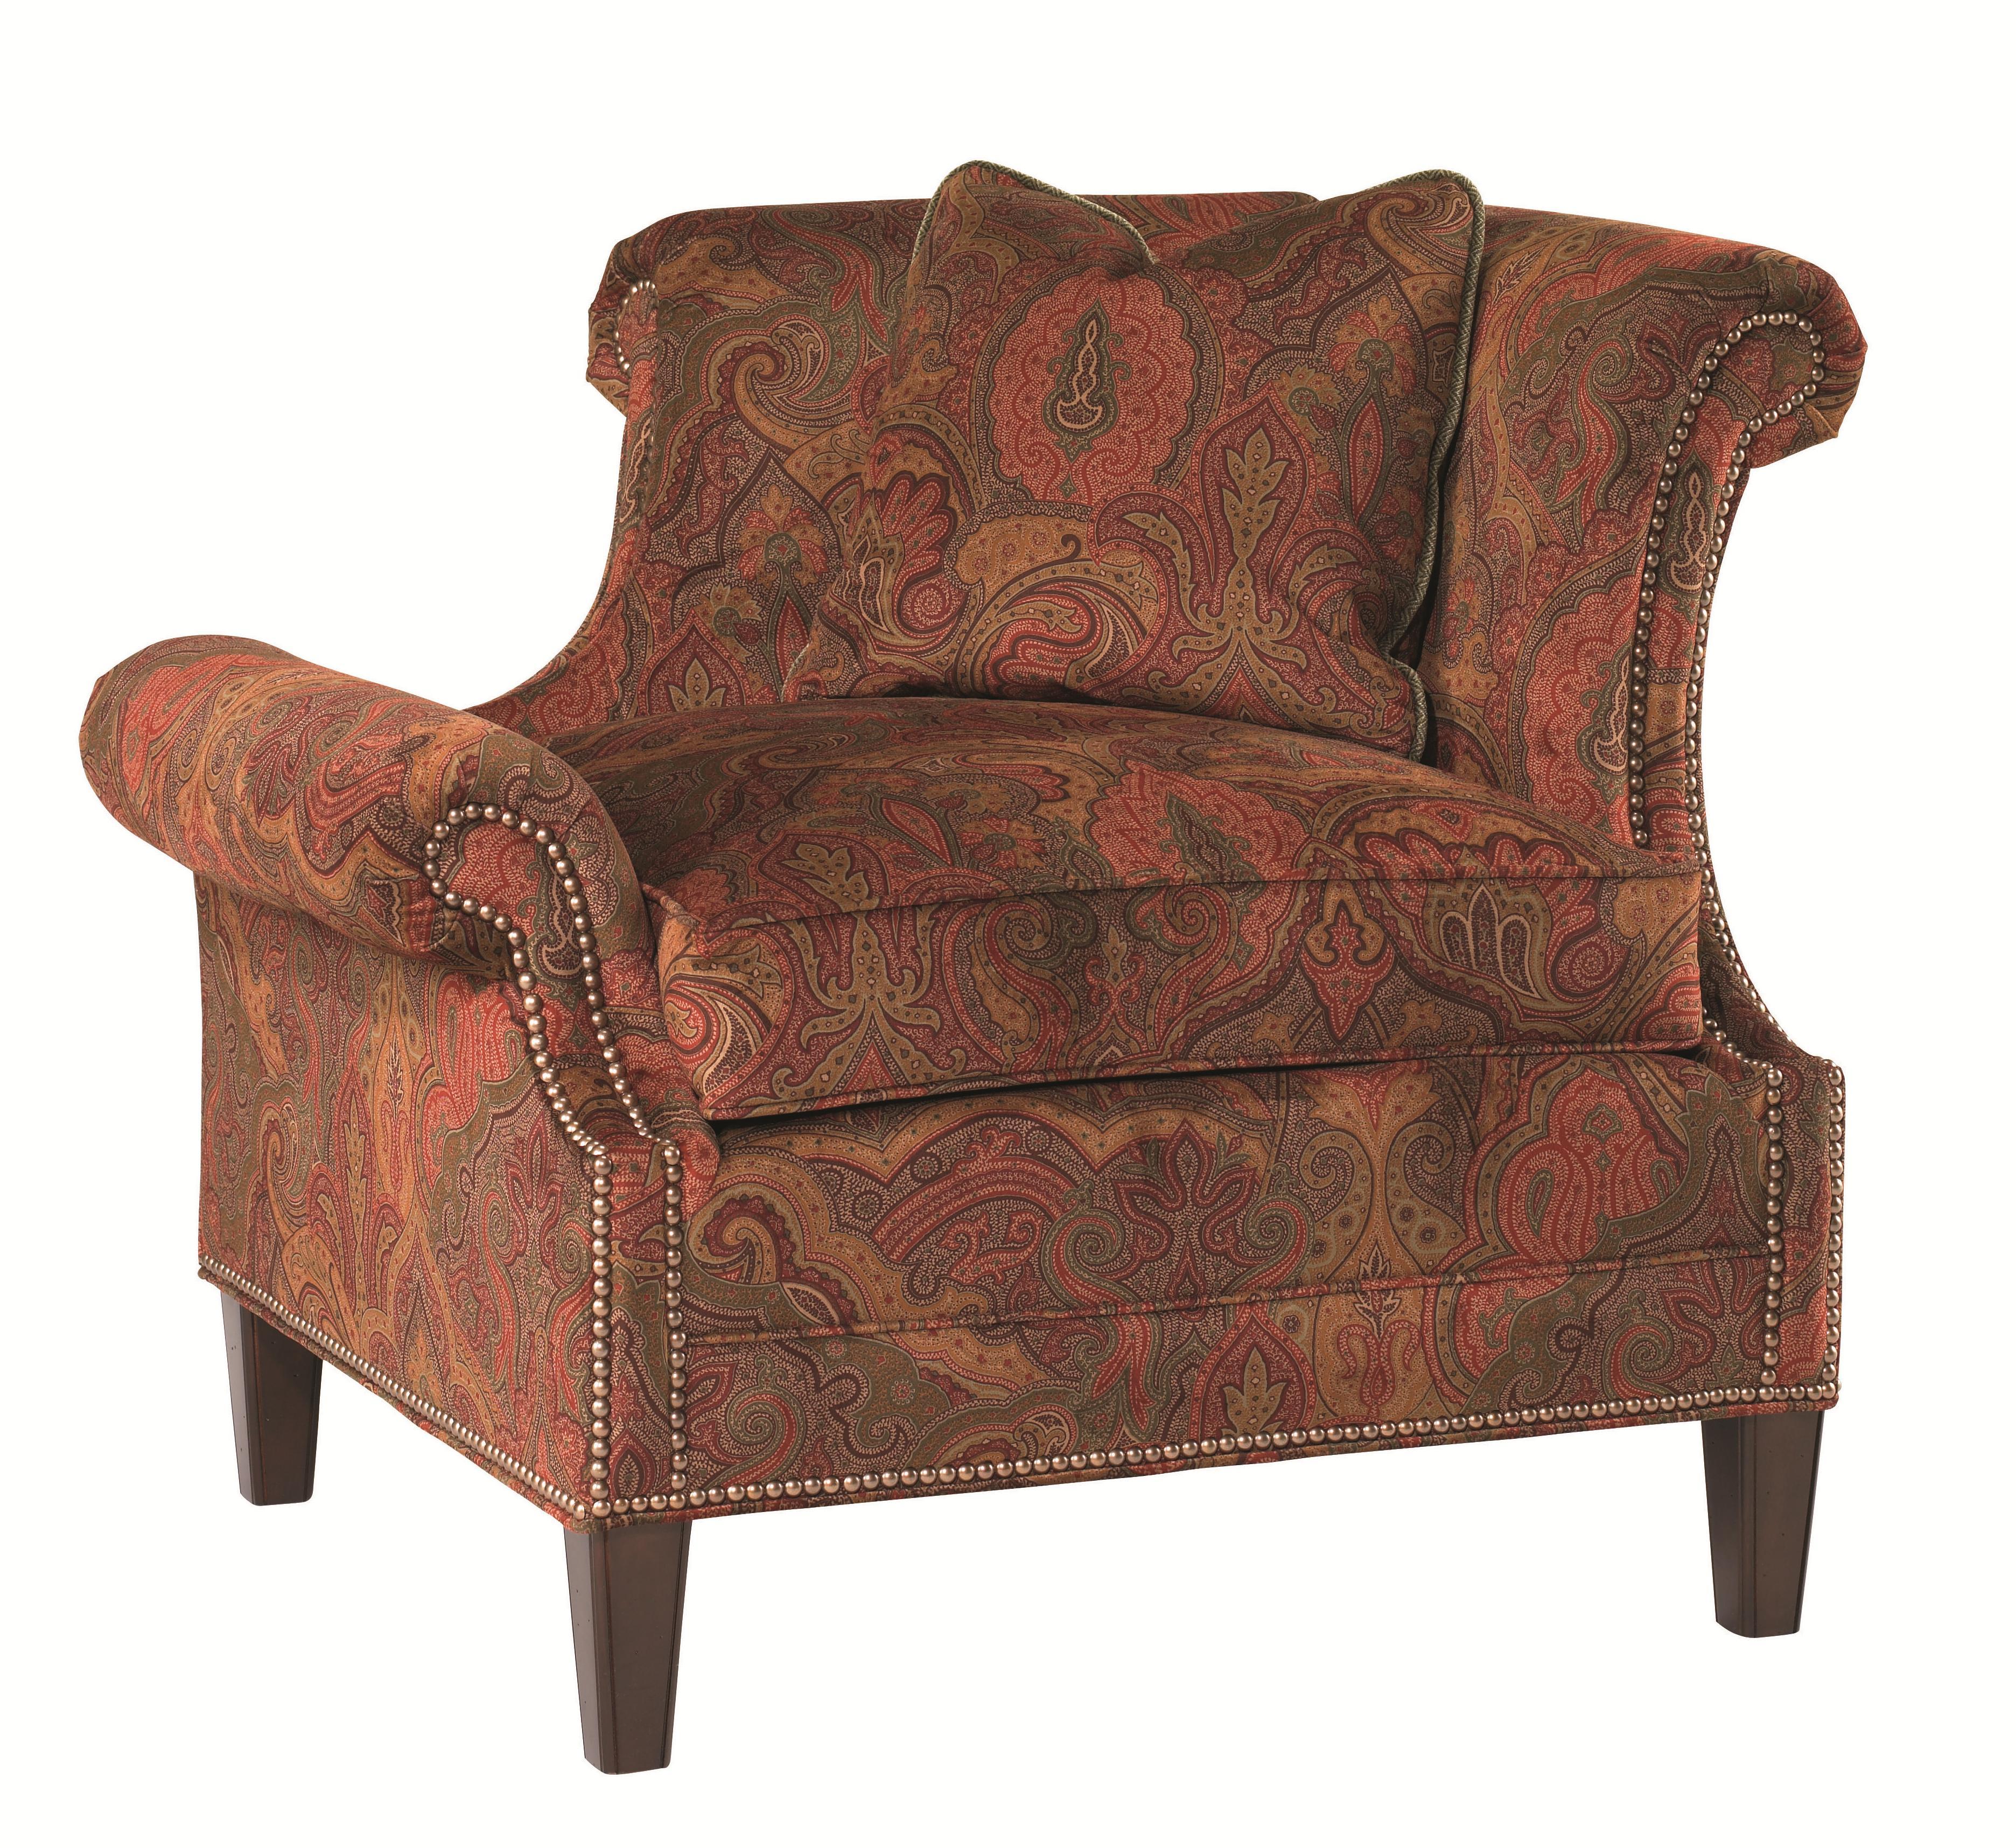 Lexington Lexington Upholstery Right Leaning Braddock Upholstered Chair Jacksonville Furniture